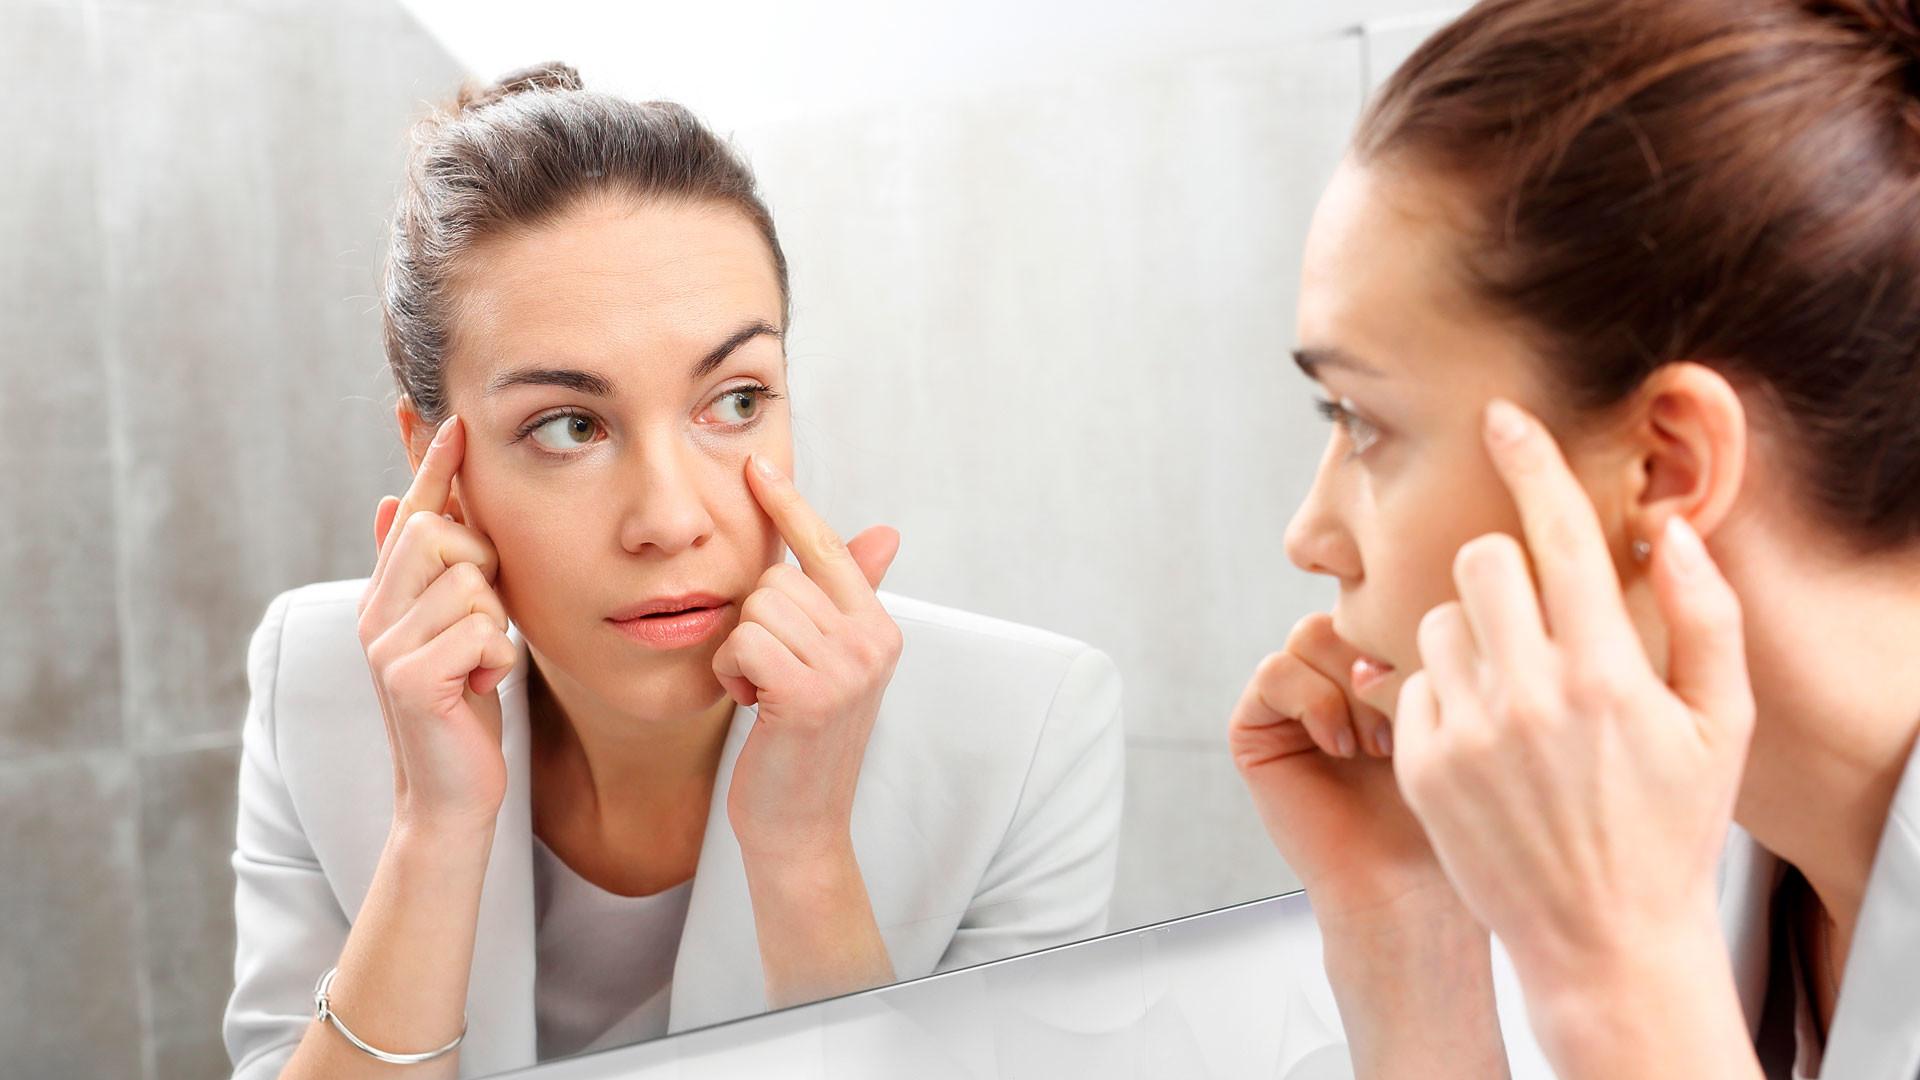 """Морщины курильщиков: дерматолог рассказал, как избавиться от последствий никотина и """"хоботка"""""""